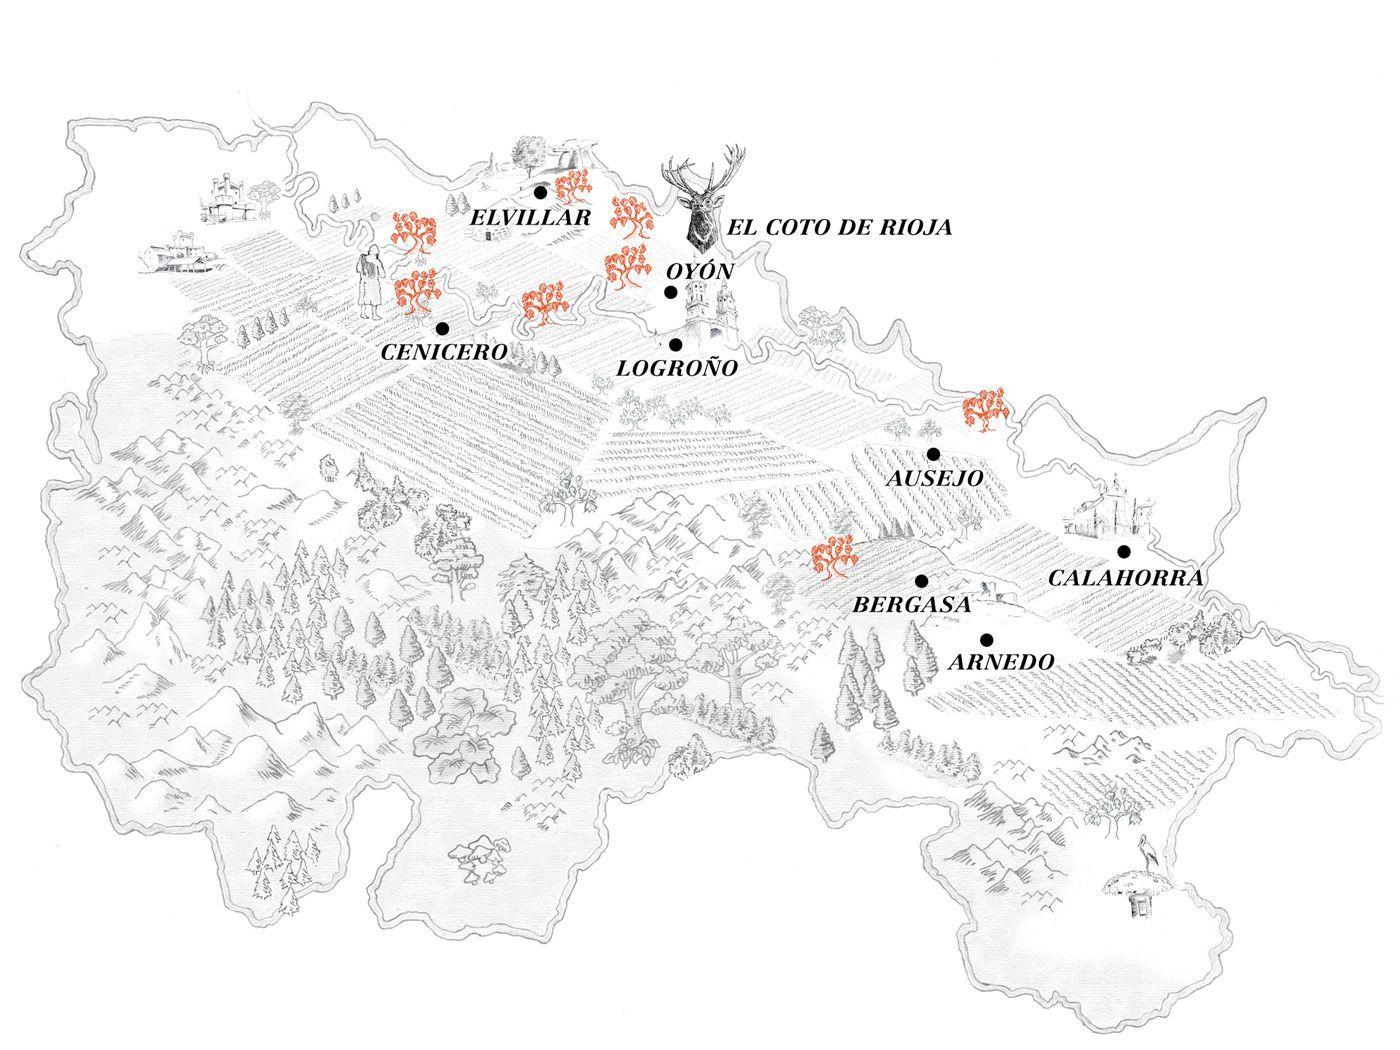 mapa viñedos y fincas El Coto